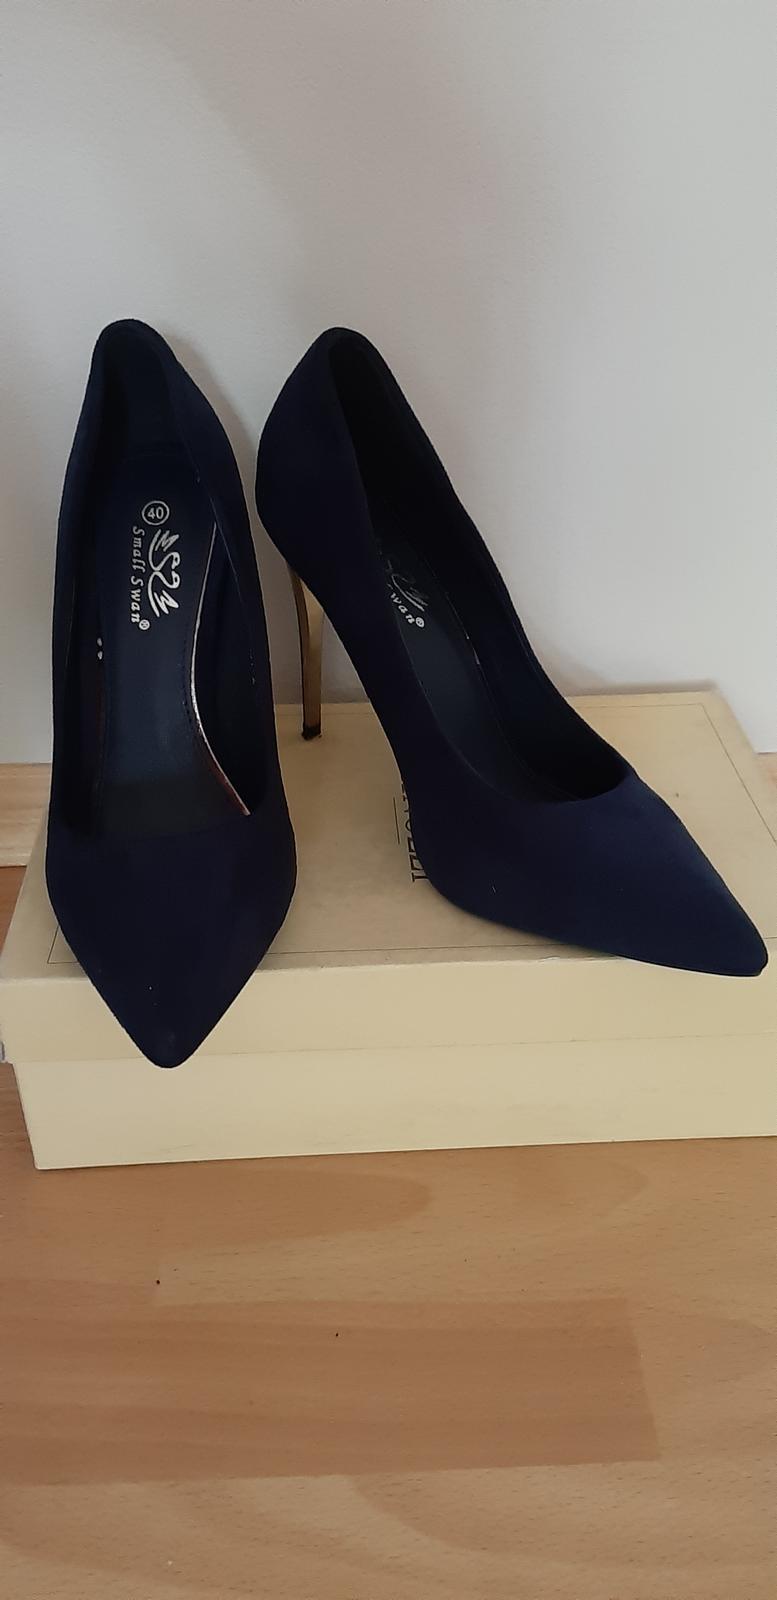 Spoločenské topánky zn. Small Swan - Obrázok č. 1